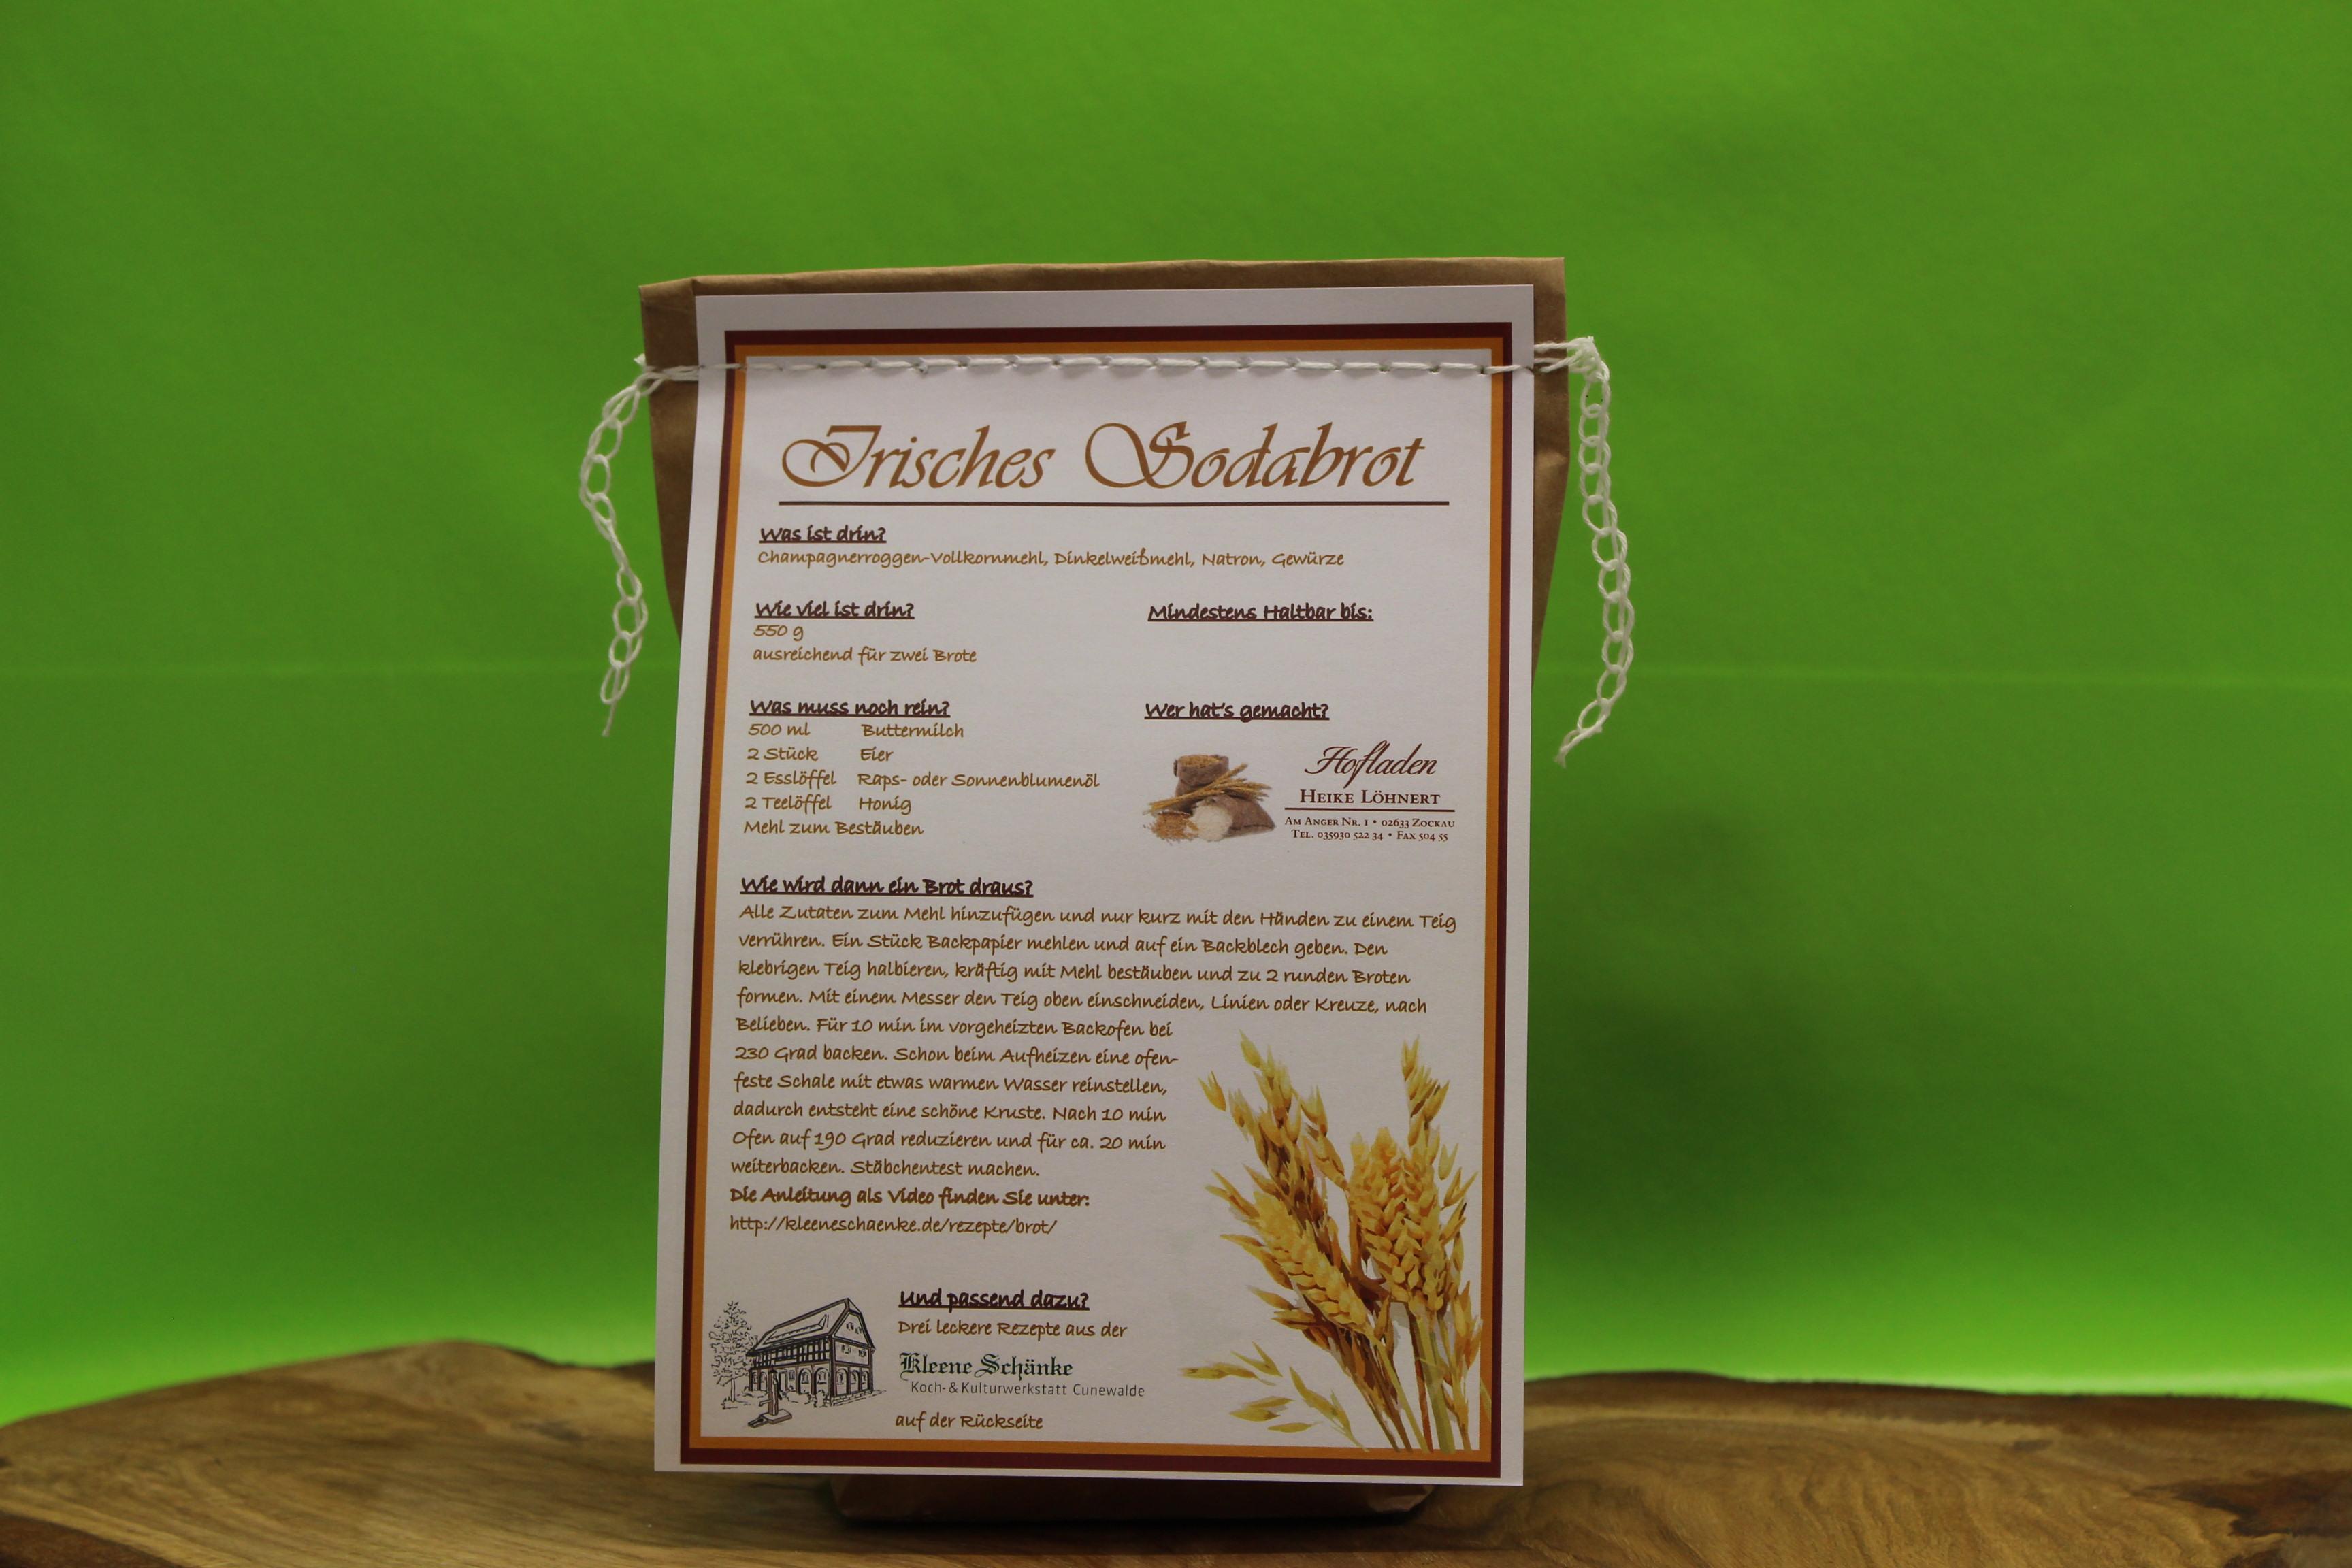 Irisches Sodabrot